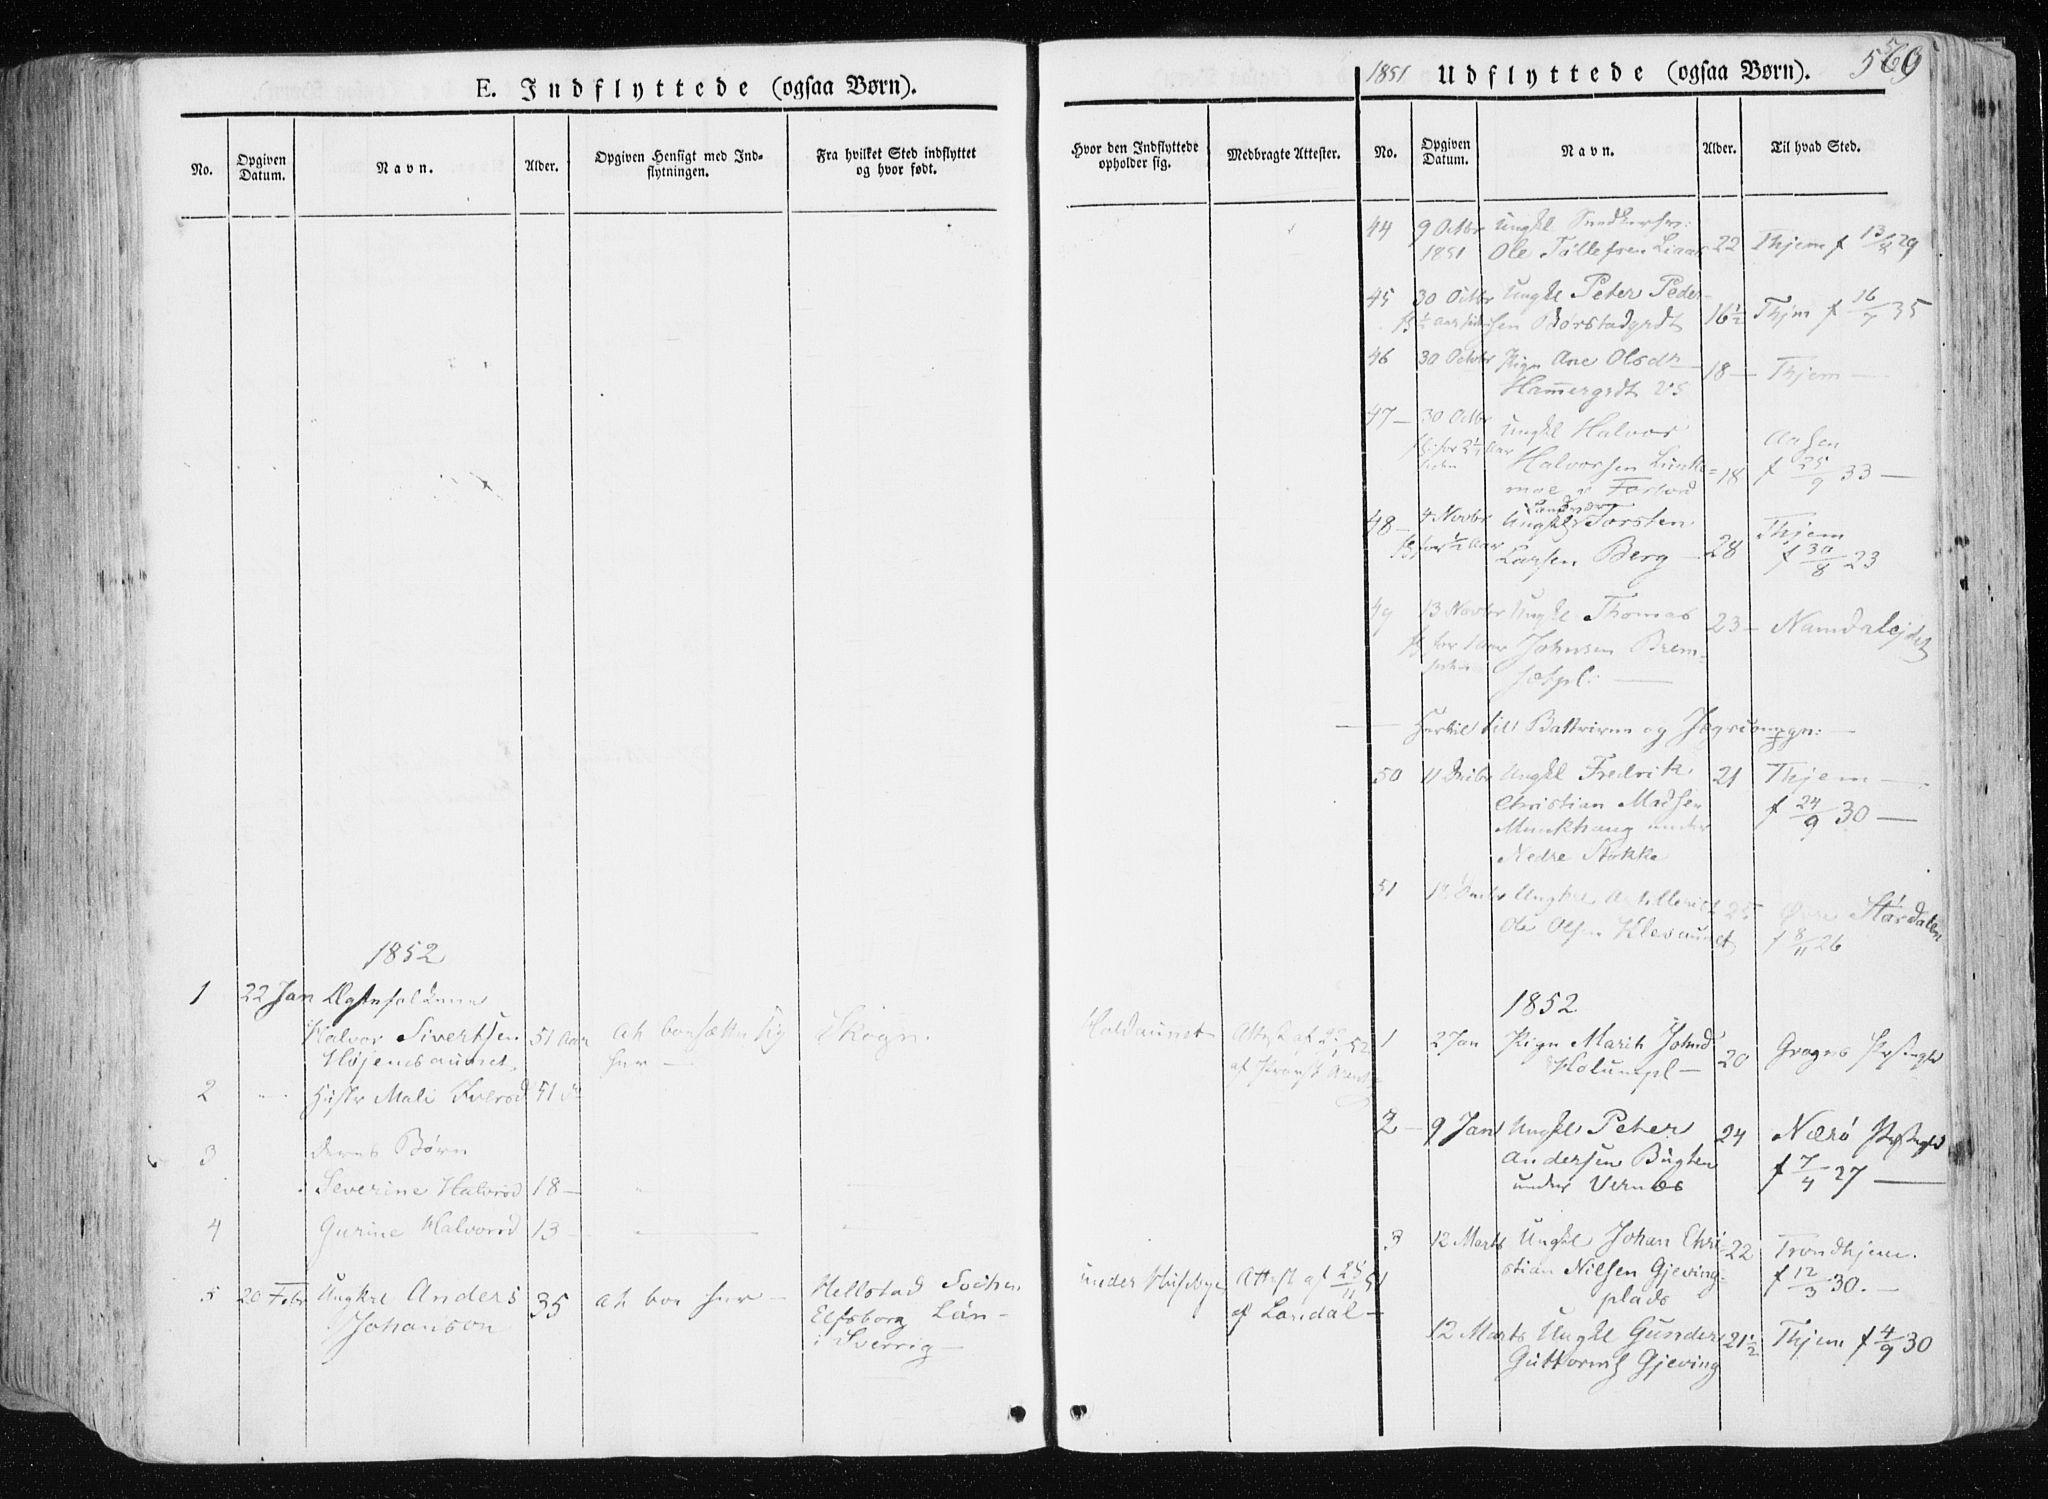 SAT, Ministerialprotokoller, klokkerbøker og fødselsregistre - Nord-Trøndelag, 709/L0074: Ministerialbok nr. 709A14, 1845-1858, s. 560